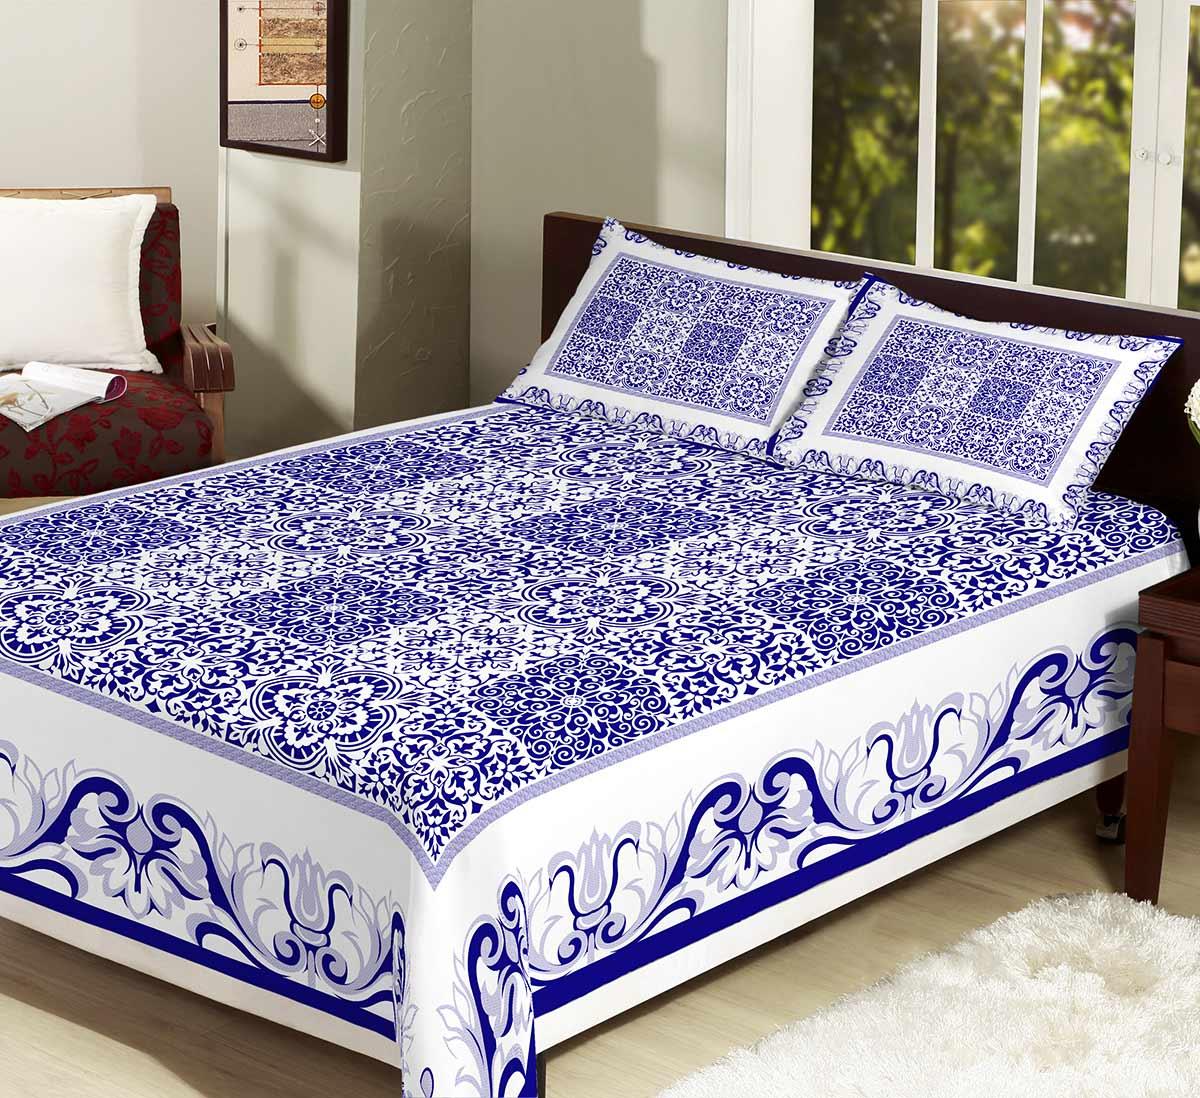 Colcha/Cobre-Leito Casal Arabesco Azul com 3 peças tecido Algodão e Poliester - CobreLeito Mirela